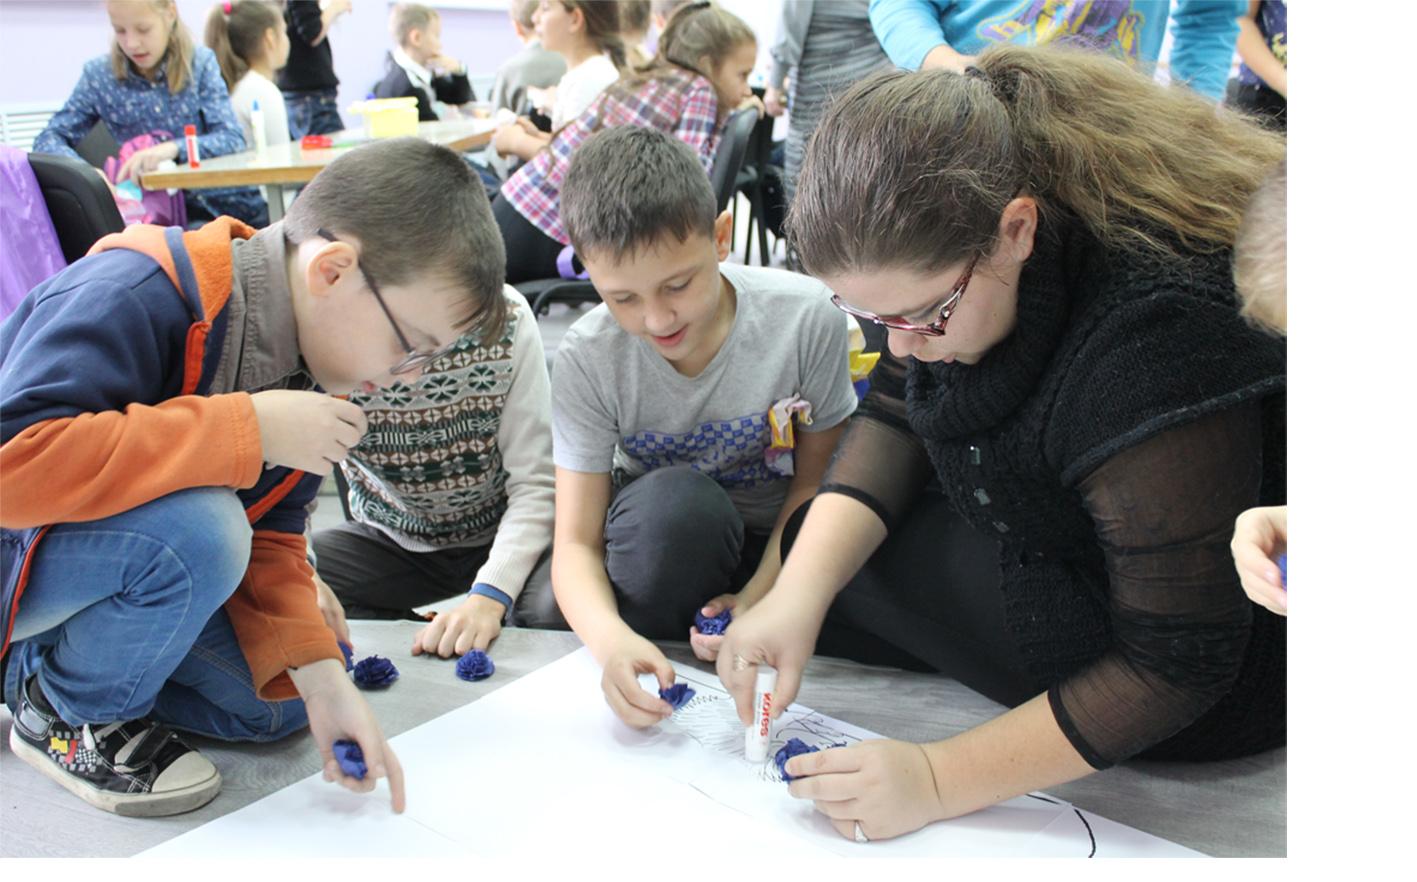 Ахтырских школьников научили делать поделки из салфеток